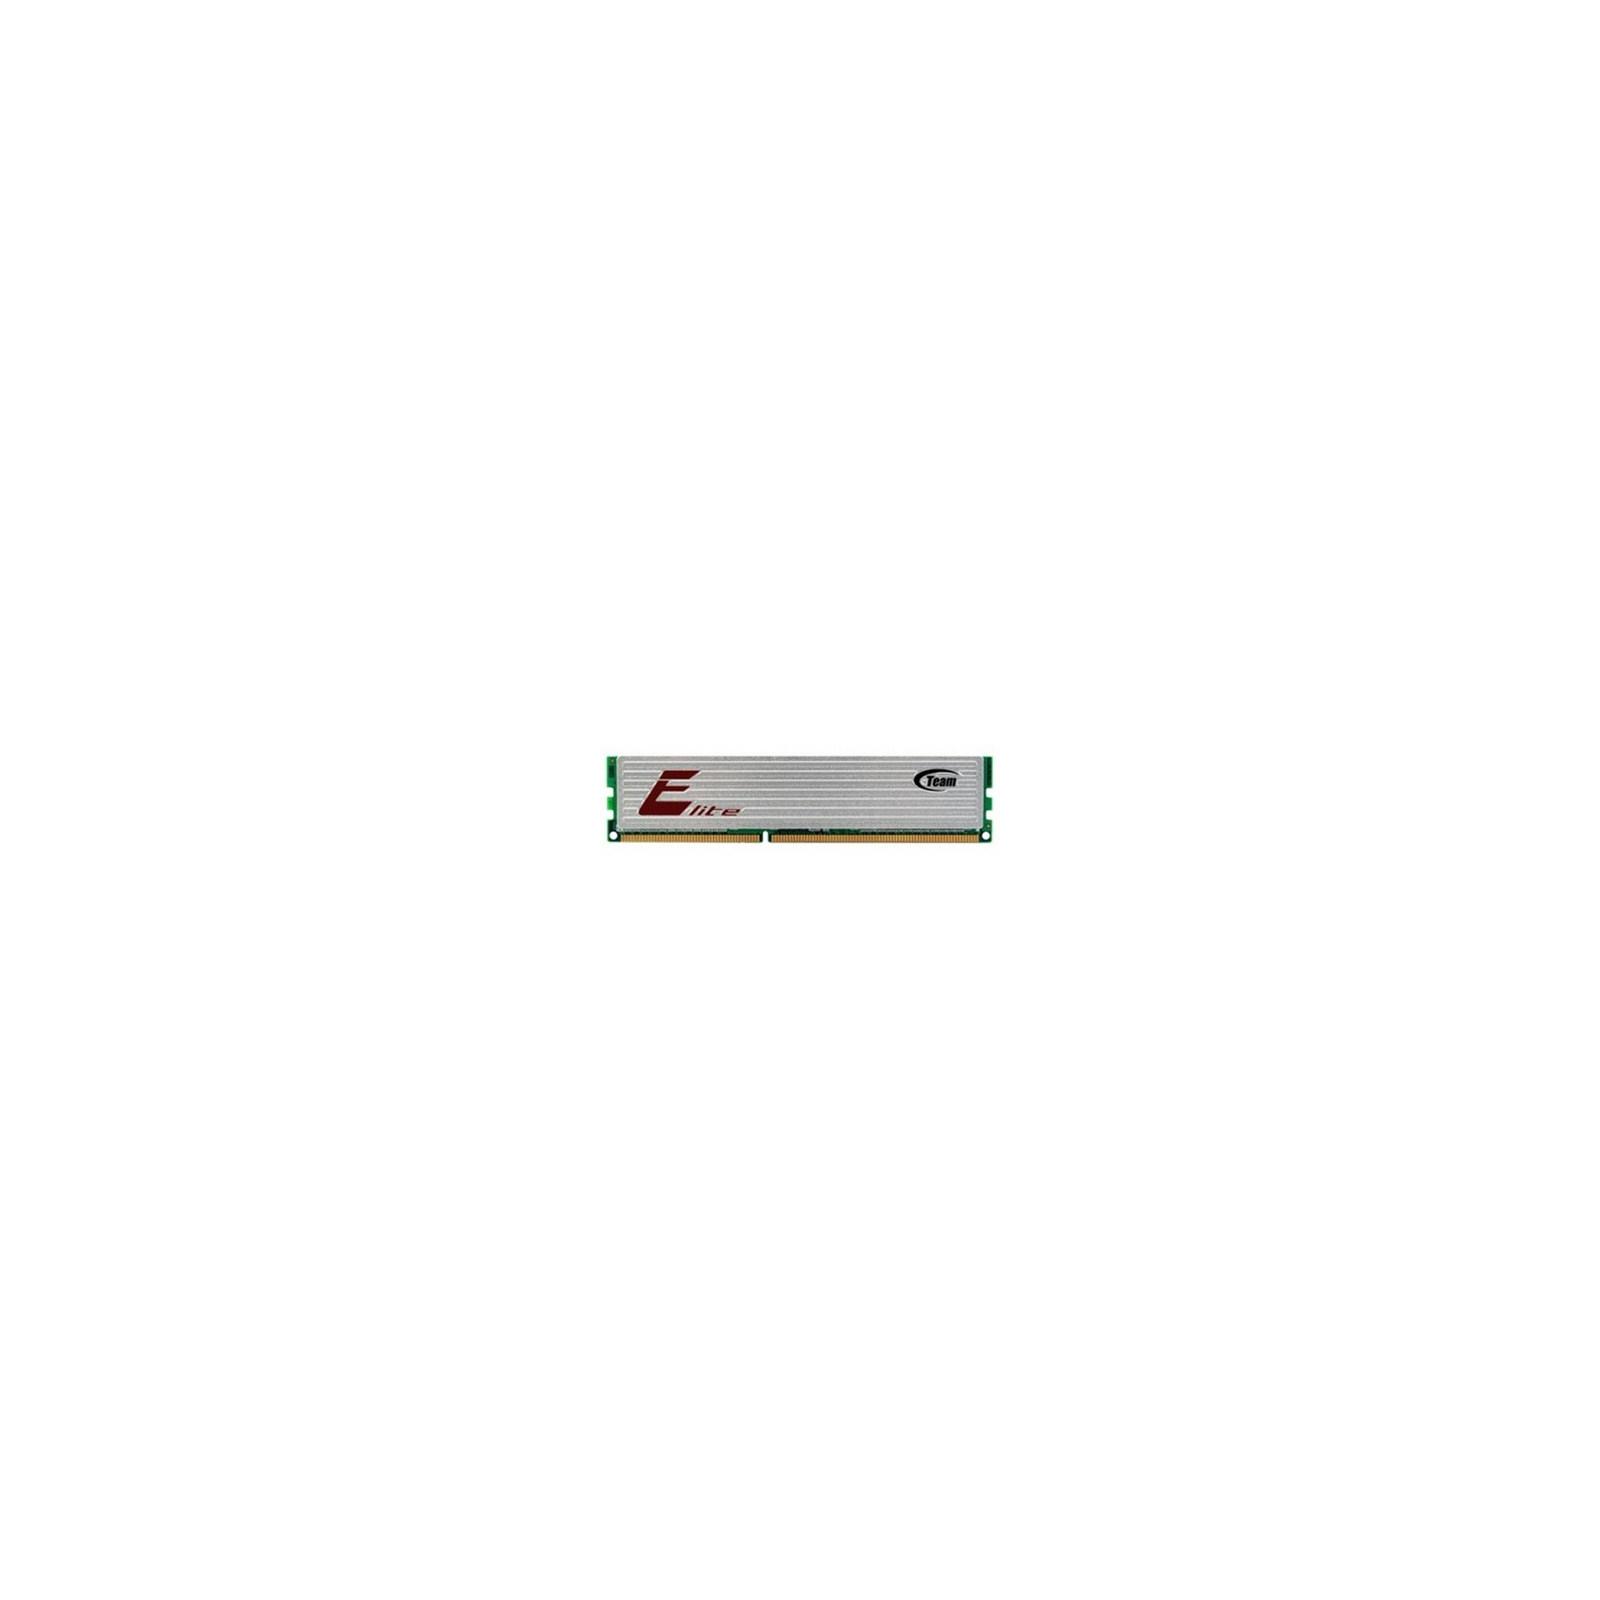 Модуль памяти для компьютера DDR3 8GB 1600 MHz Team (TED38GM1600HC11BK / TED38G1600HC11BK)